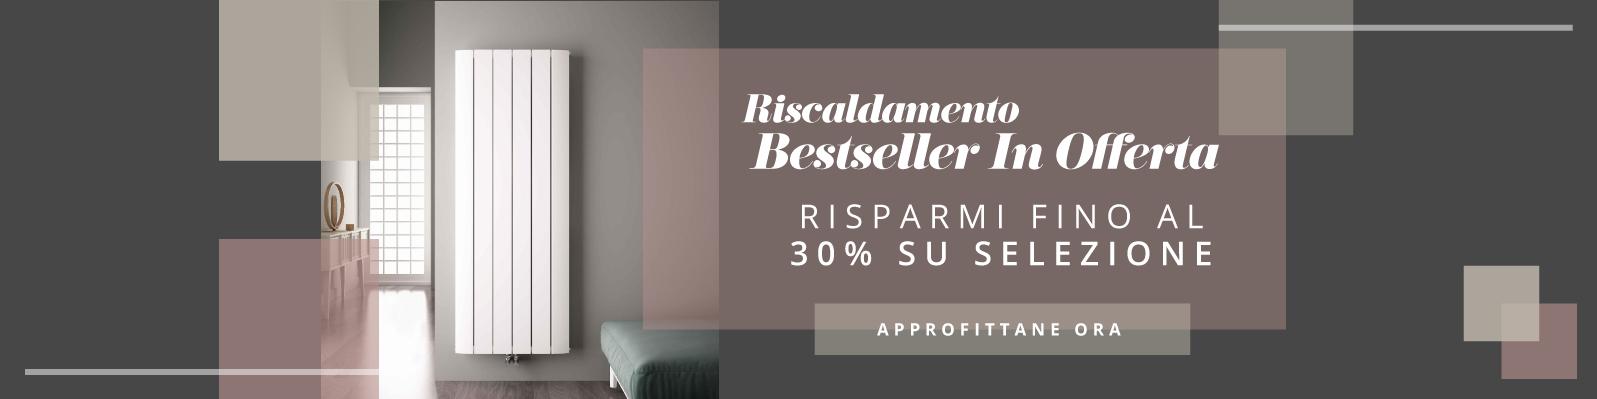 Riscaldamento Bestseller In Offerta Risparmi Fino Al 30% Su Selezione Approfittane Ora